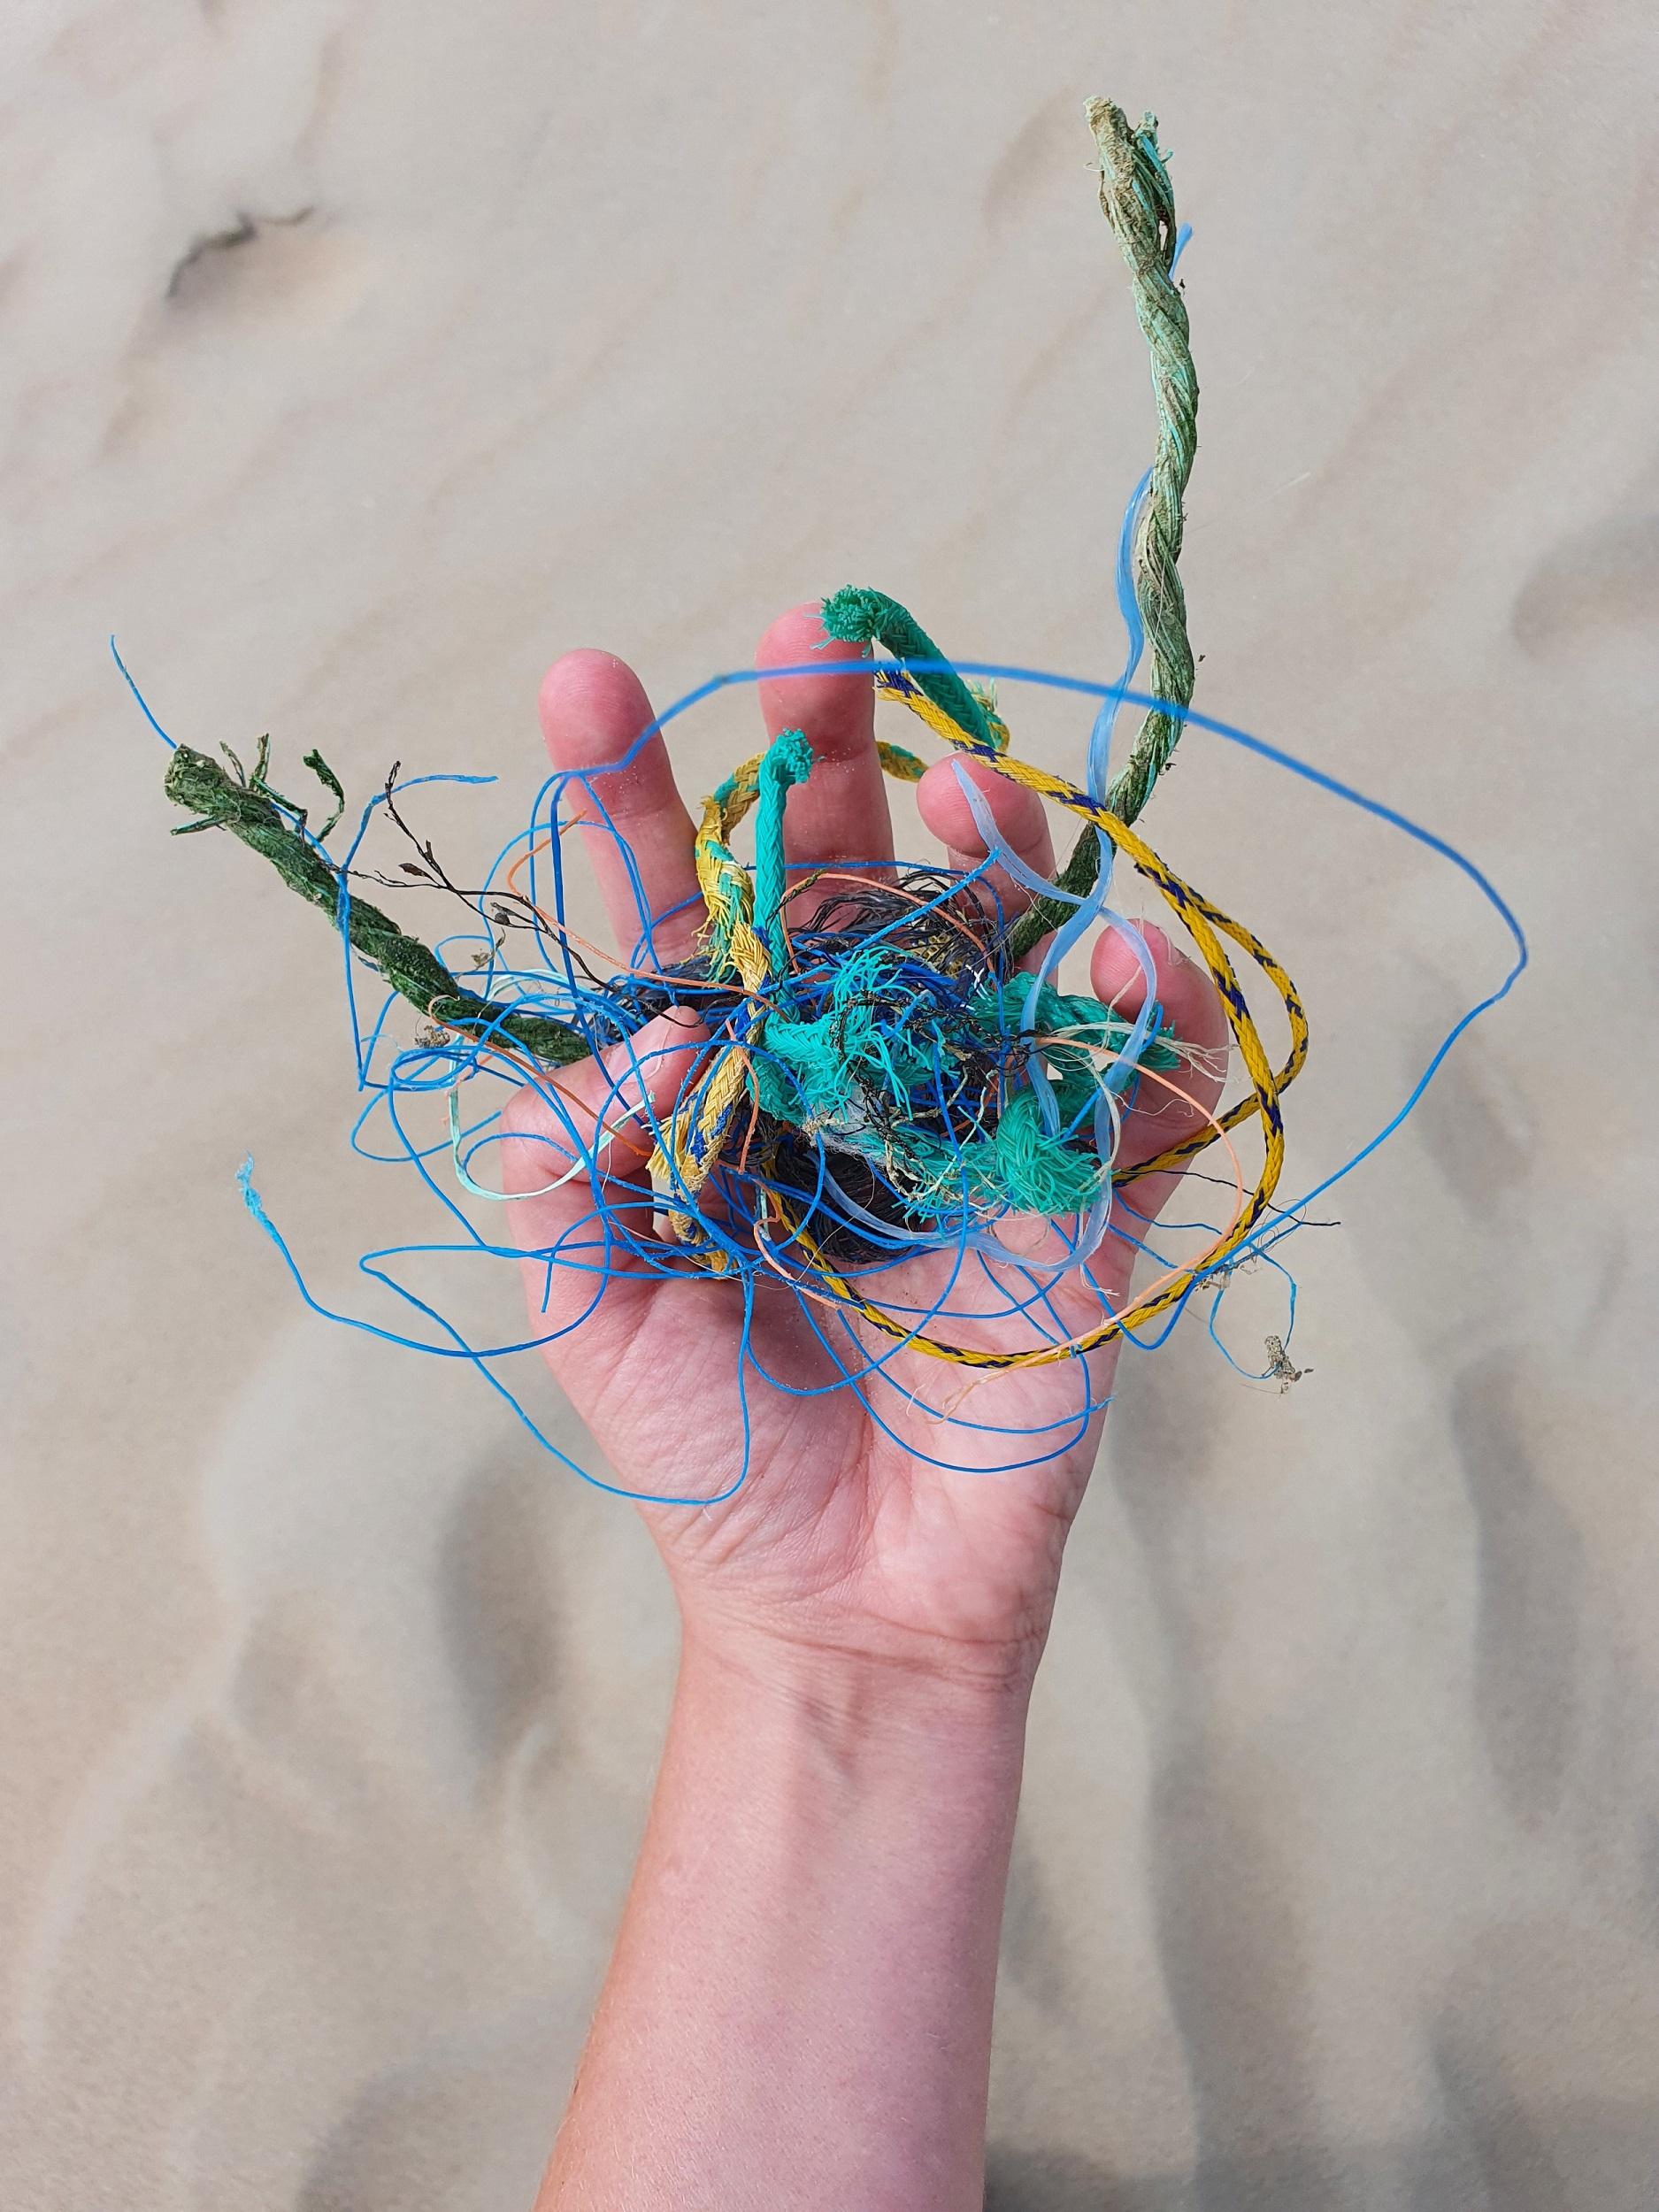 strandafval-vispluis-netten-touw